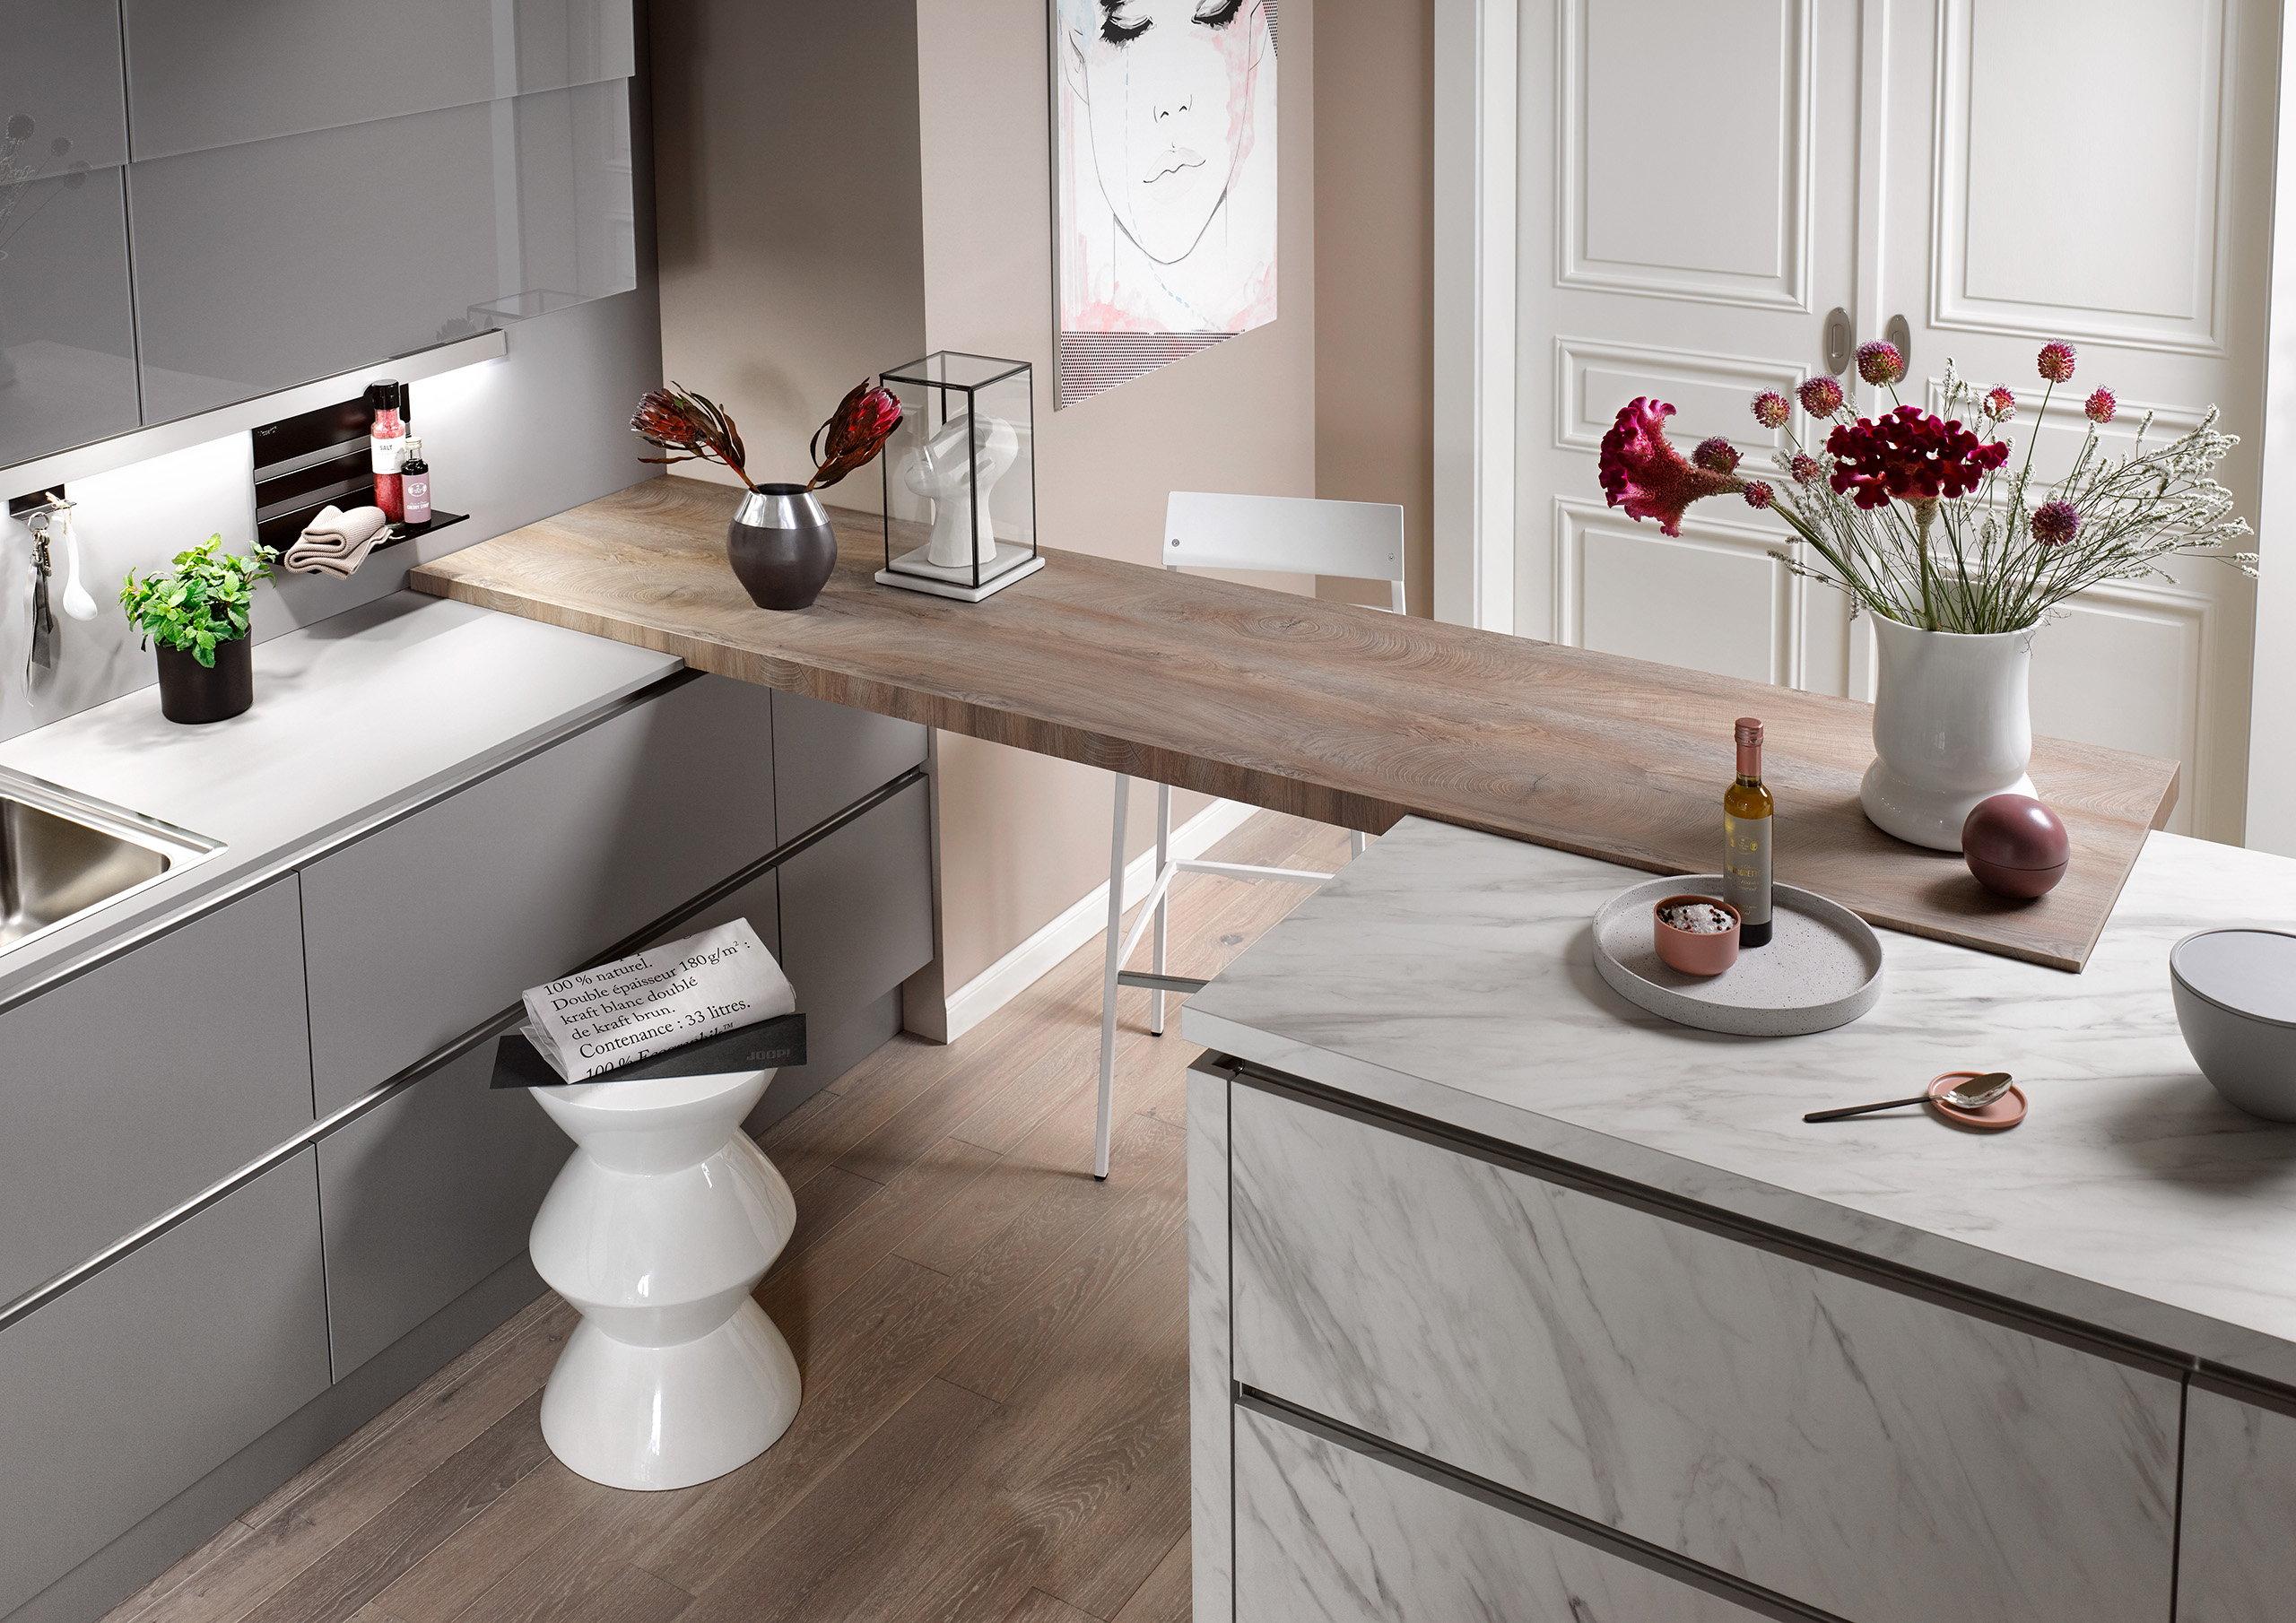 Moderne grijze keuken met marmerlook PerfectSense keukenblad en lade fronten, Häcker keuken Merkur GL Carrara wit M2